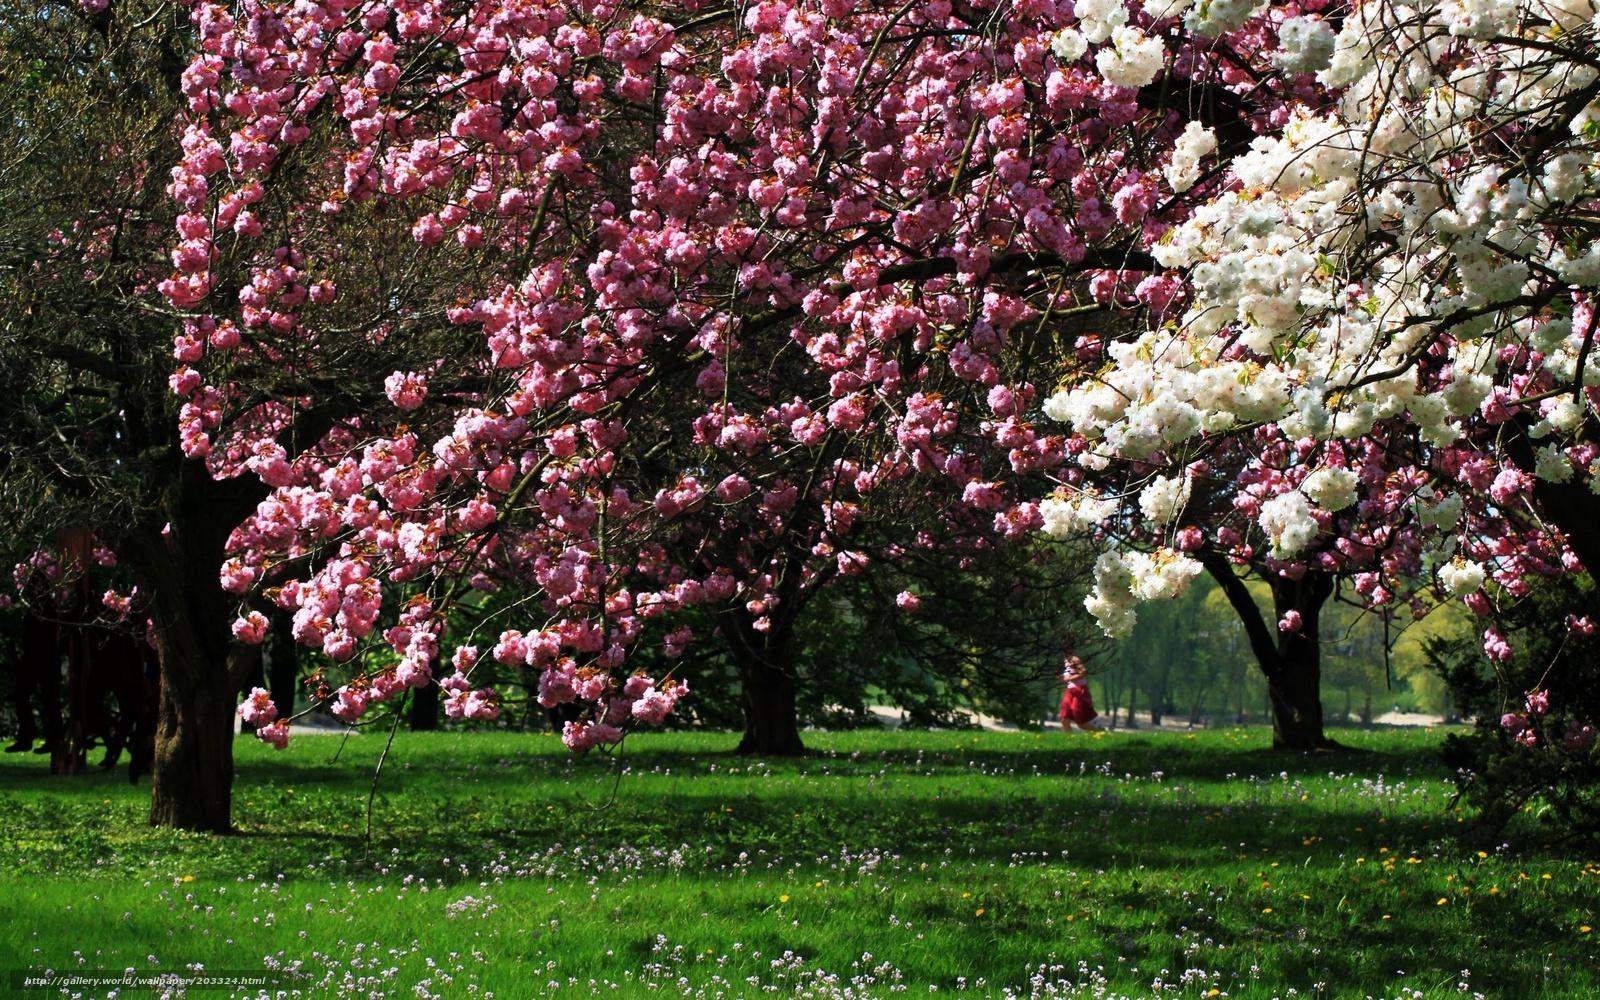 Scaricare gli sfondi primavera fiori primavera d 39 animo for Immagini gratis per desktop primavera